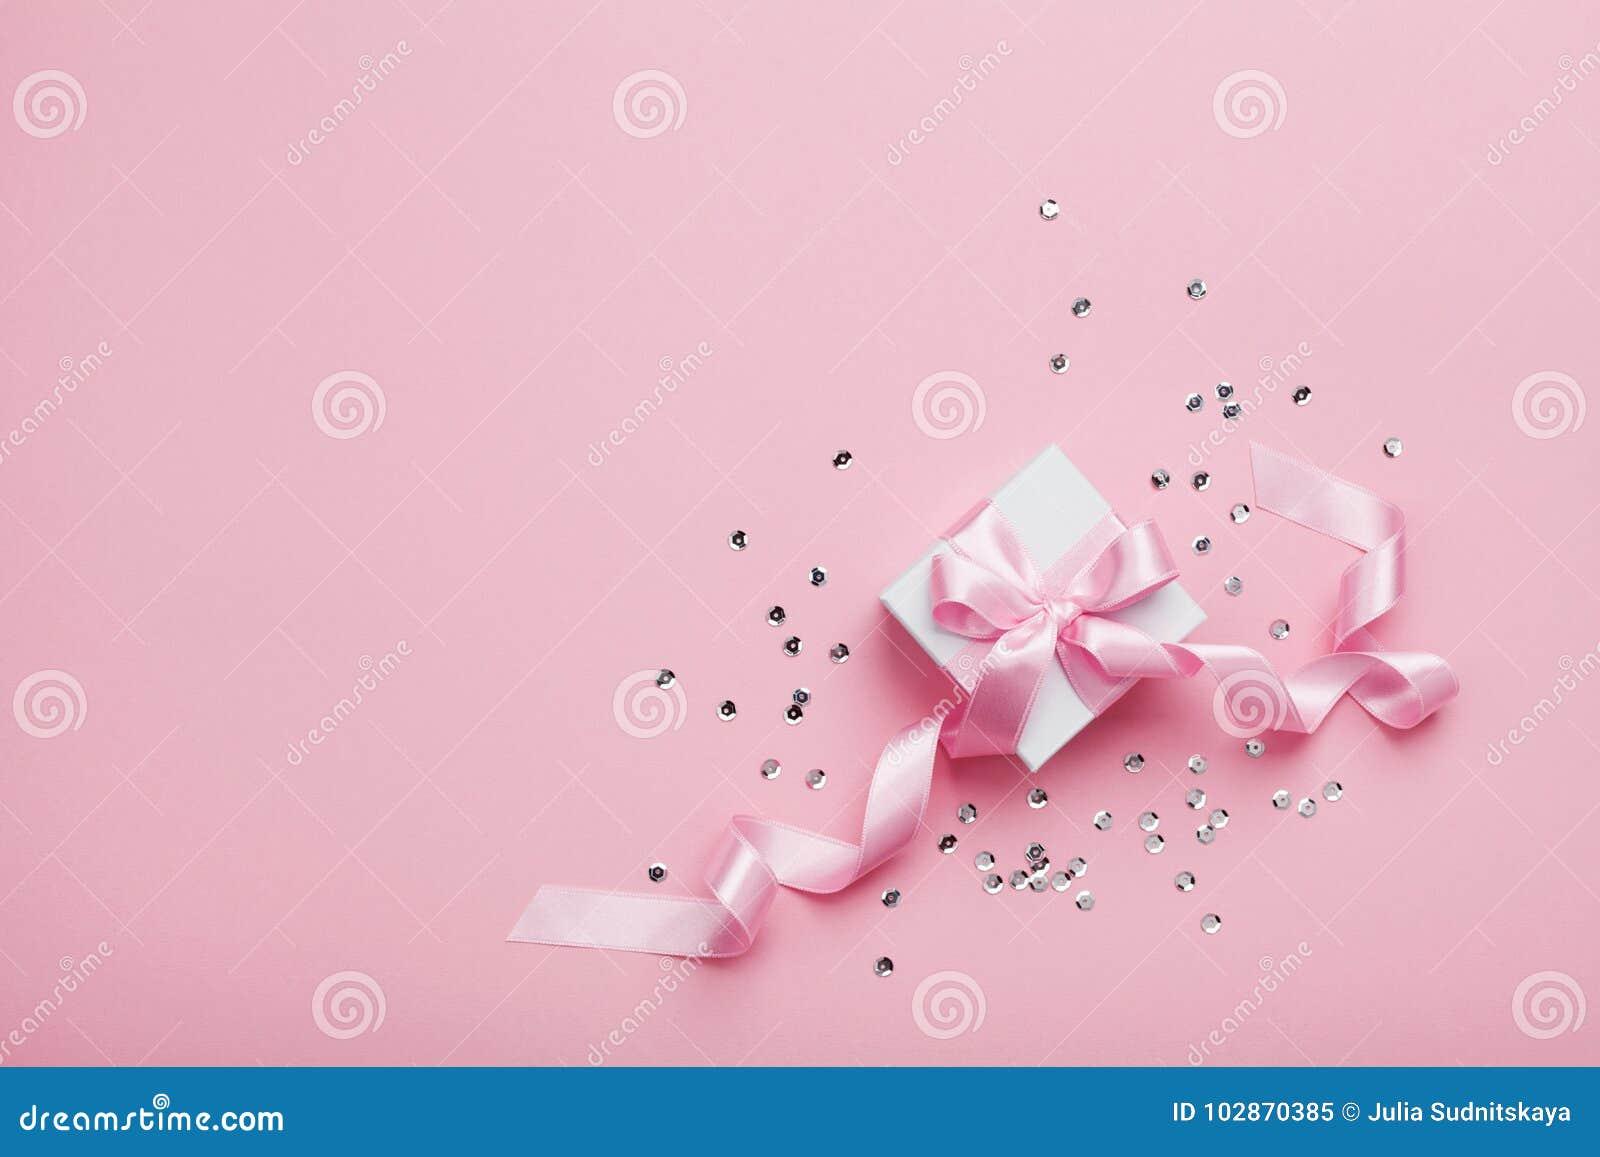 Regalo o actuales caja y lentejuelas en la opinión de sobremesa rosada Endecha plana Concepto del cumpleaños, de la boda o de la